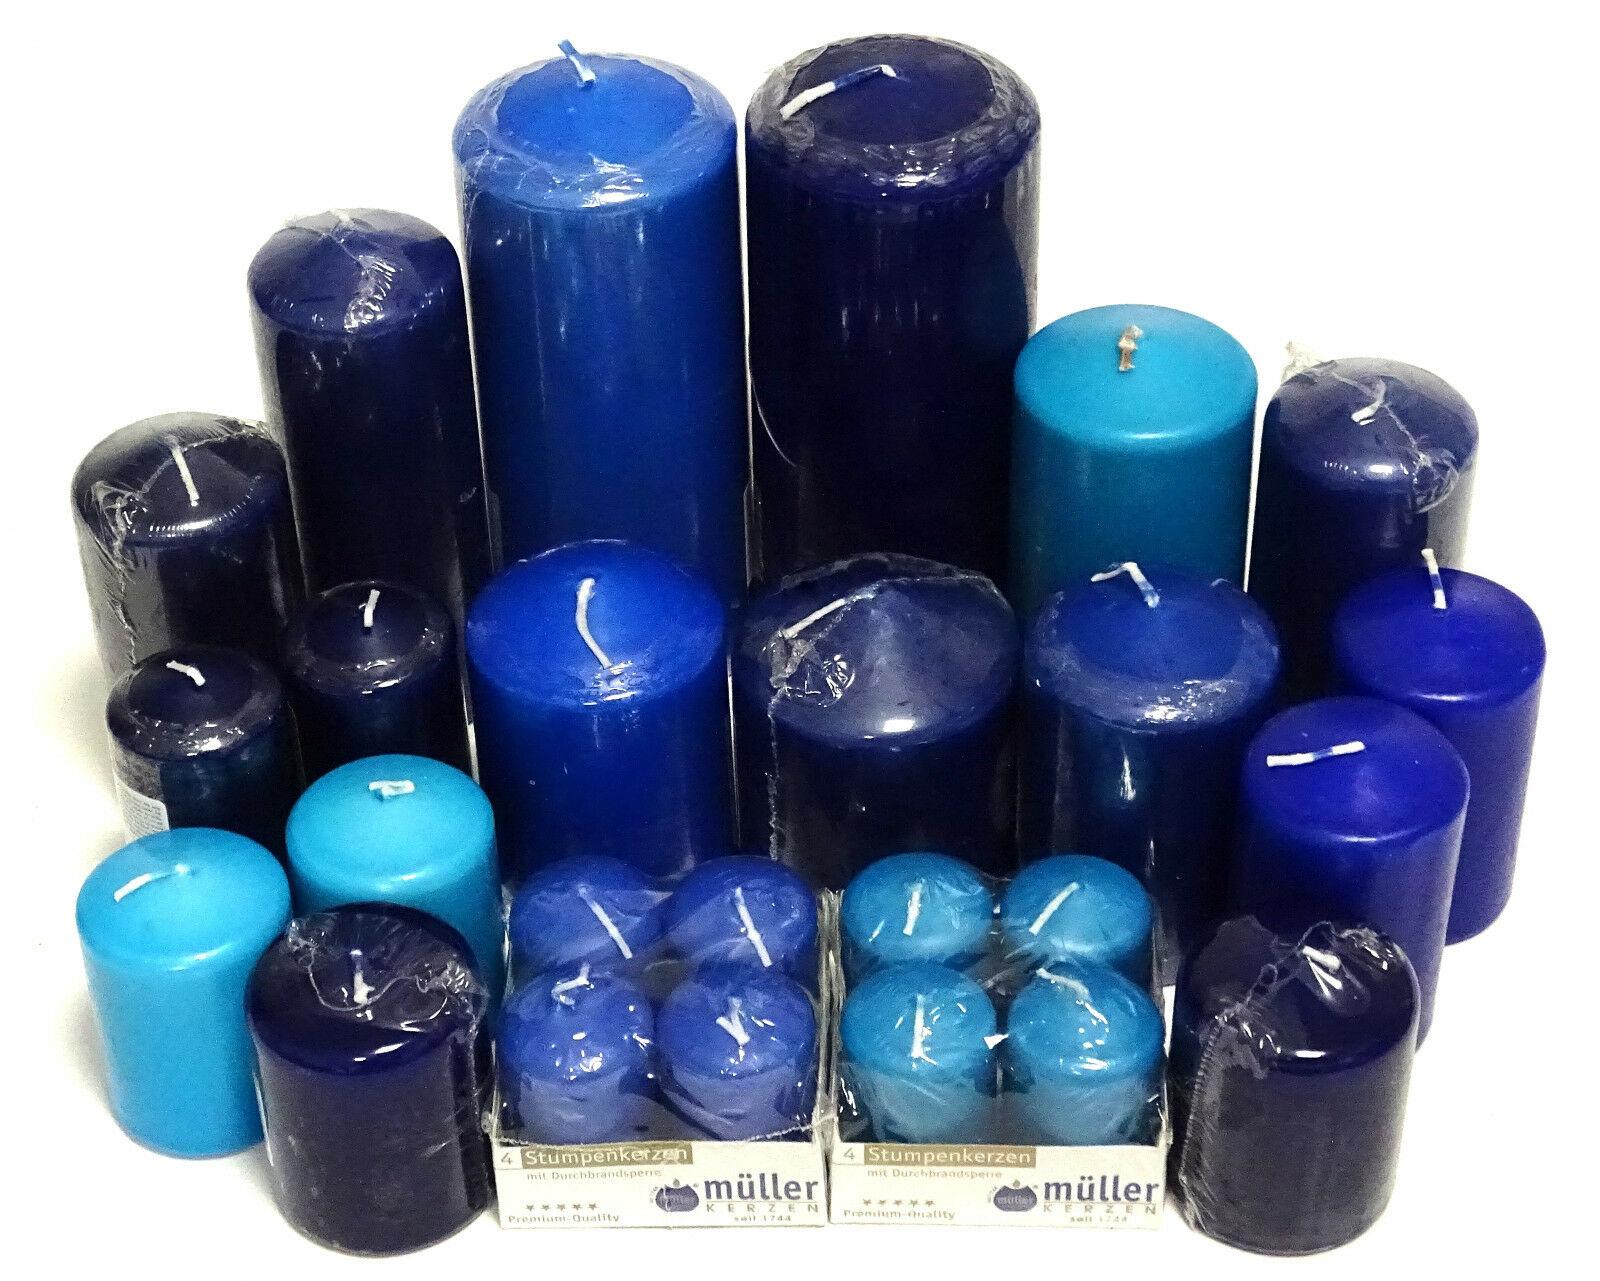 5 kg Qualität Stumpenkerzen Paket Kerzen Set Tischdeko gemischt nach Farben - Blau-Türkis